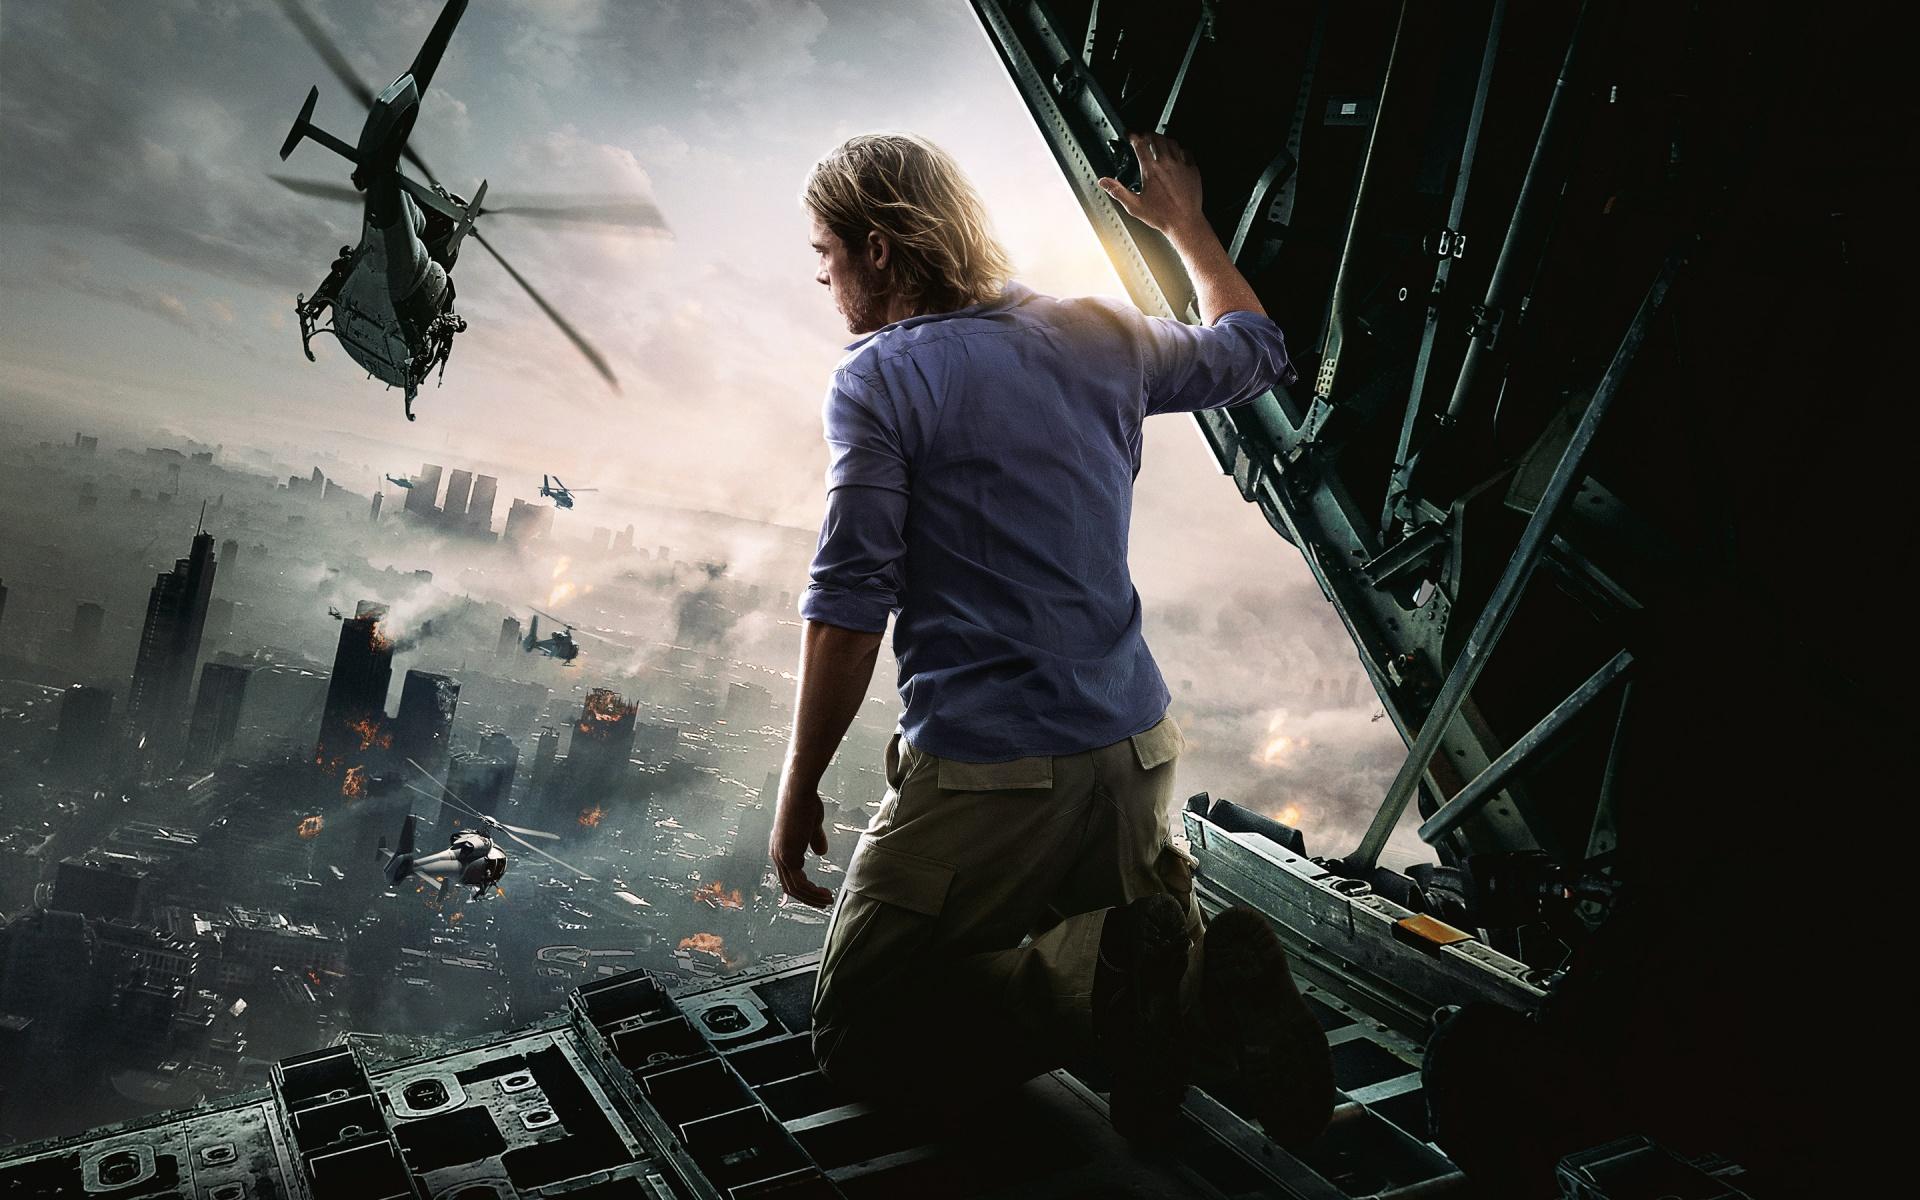 Brad Pitt World War Z Movie Wallpapers HD Wallpapers 1920x1200